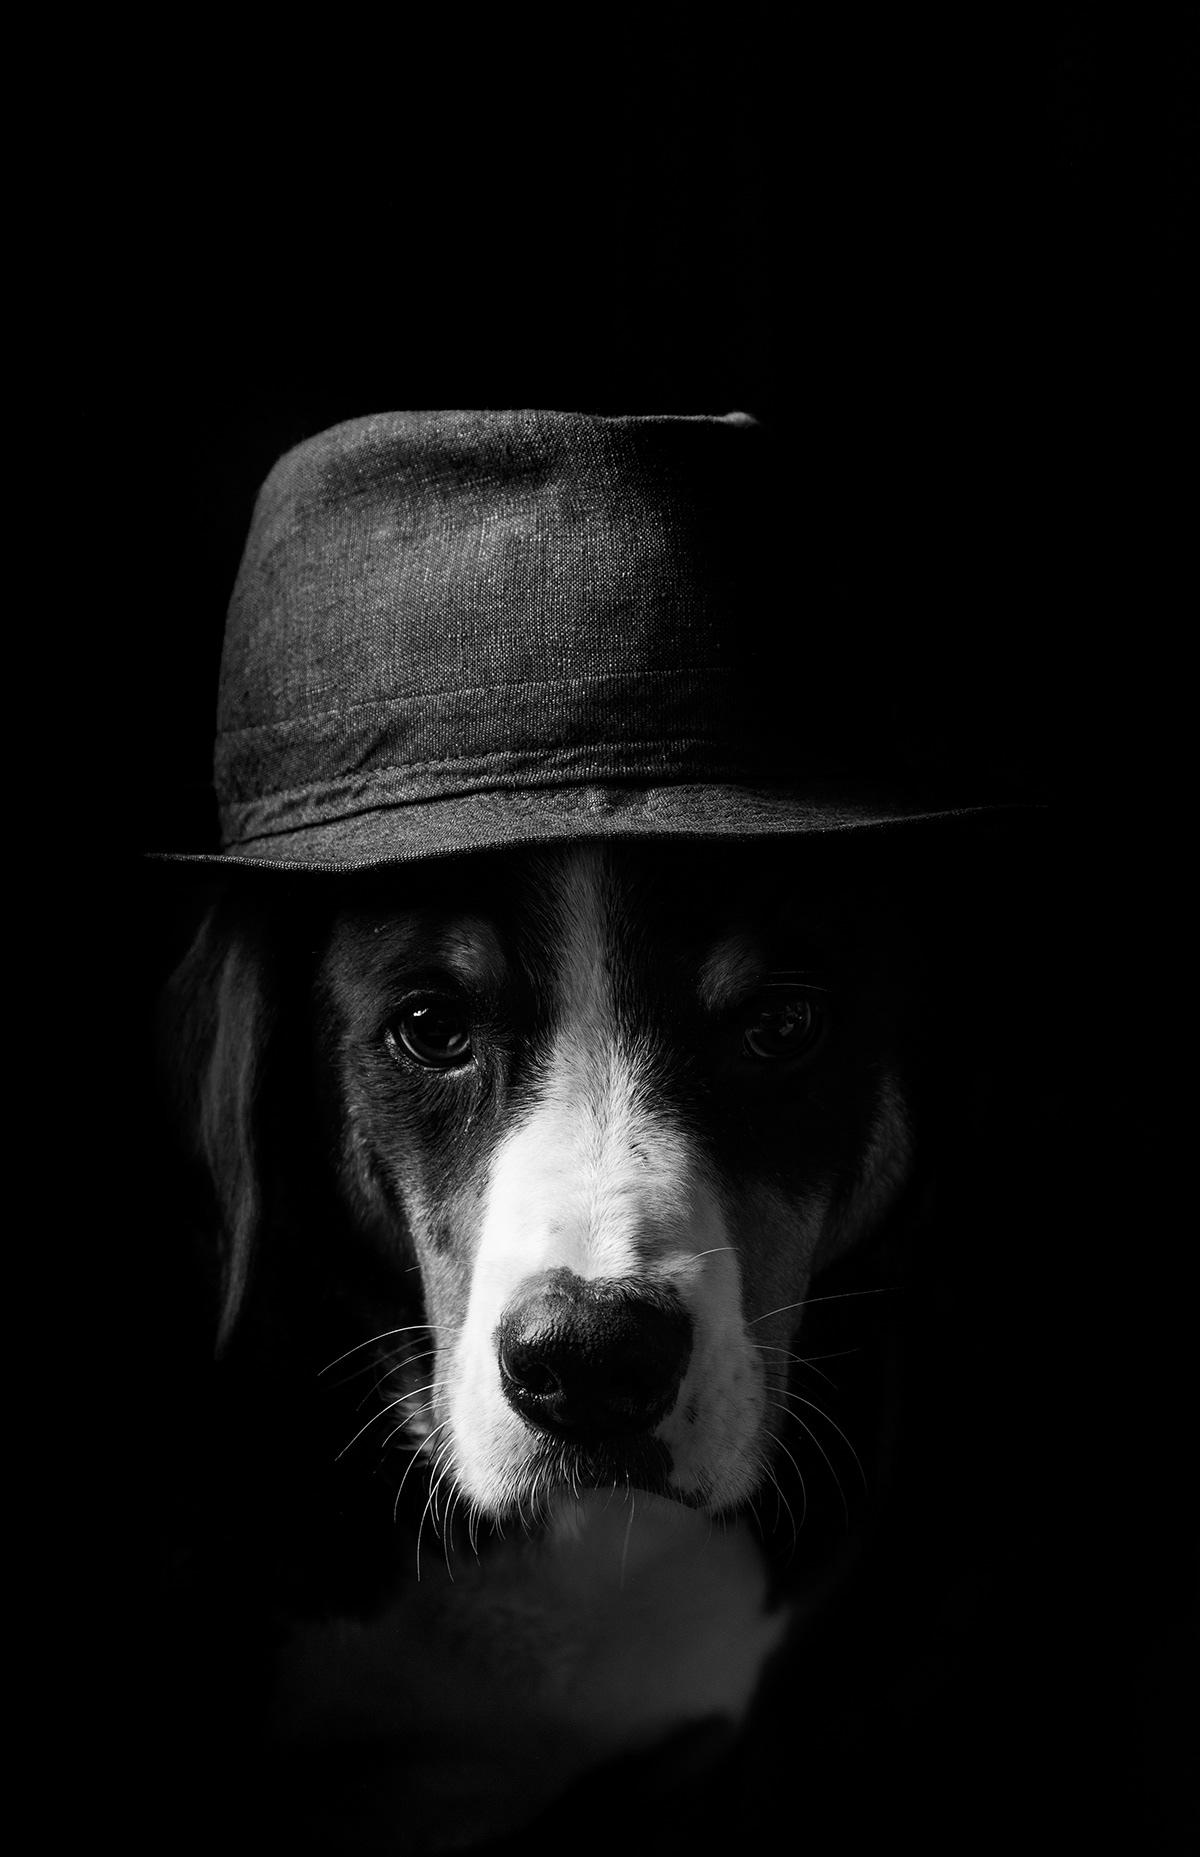 dog lowkey portrait